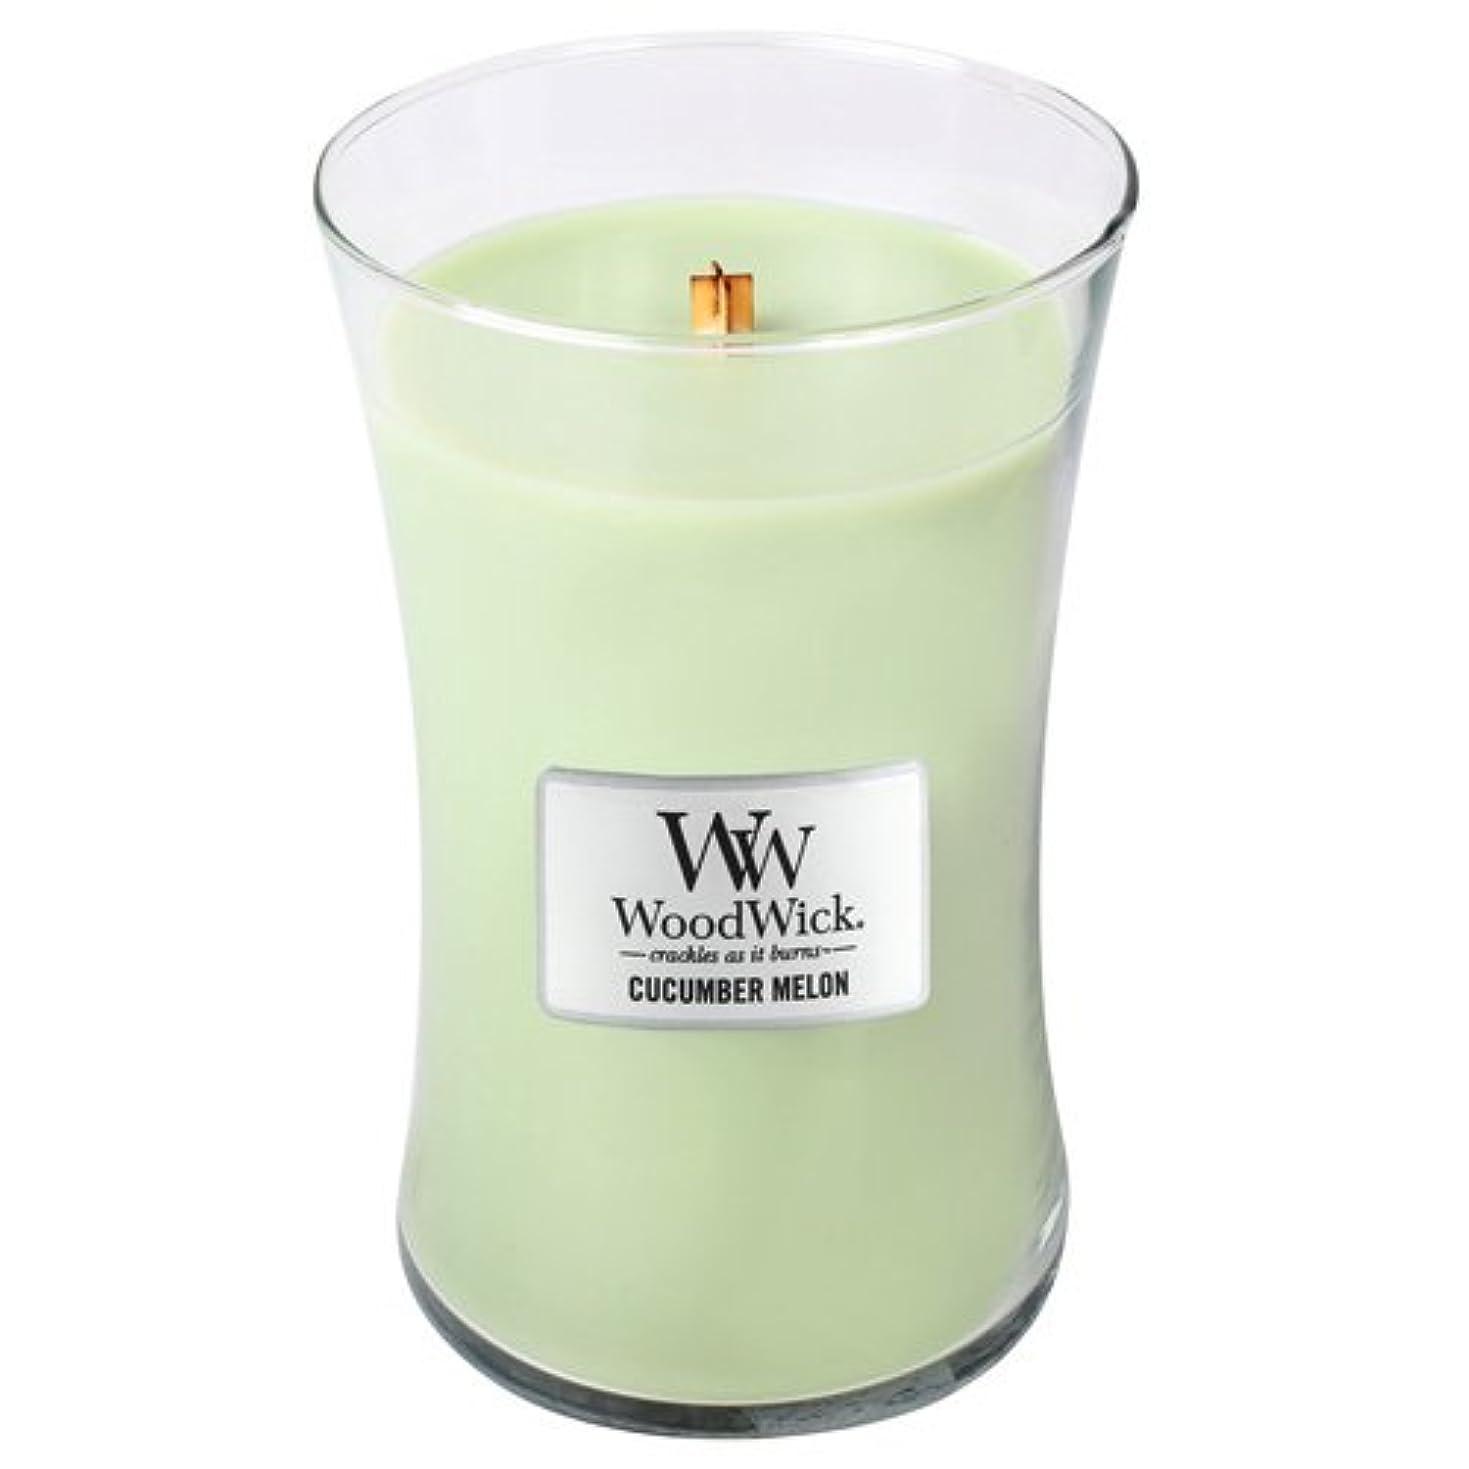 中に直接窒素WoodWick Cucumber Melon Large Jar Scented Candle